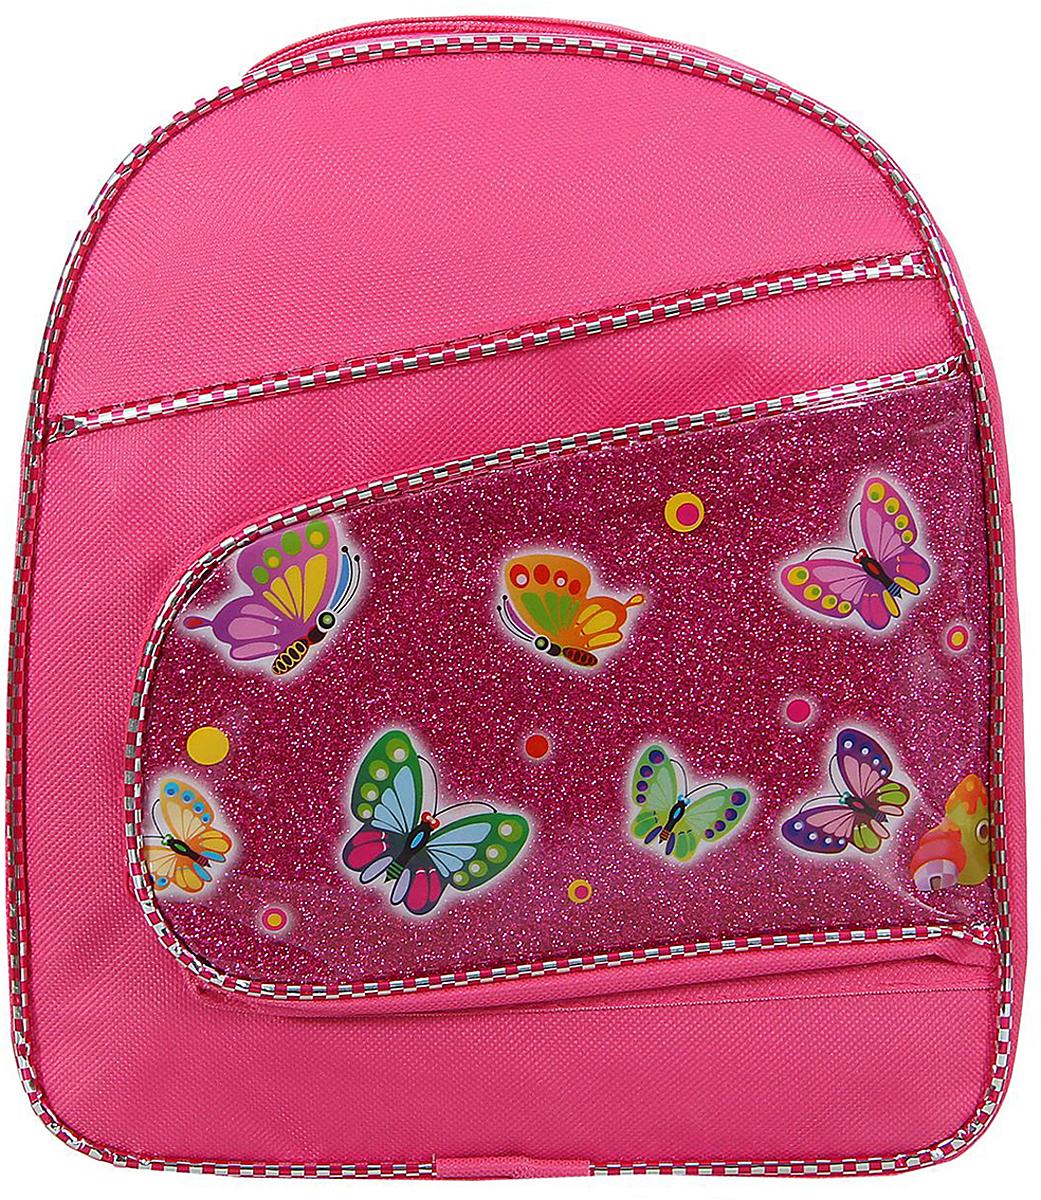 Рюкзак детский Бабочки цвет розовый 1354477